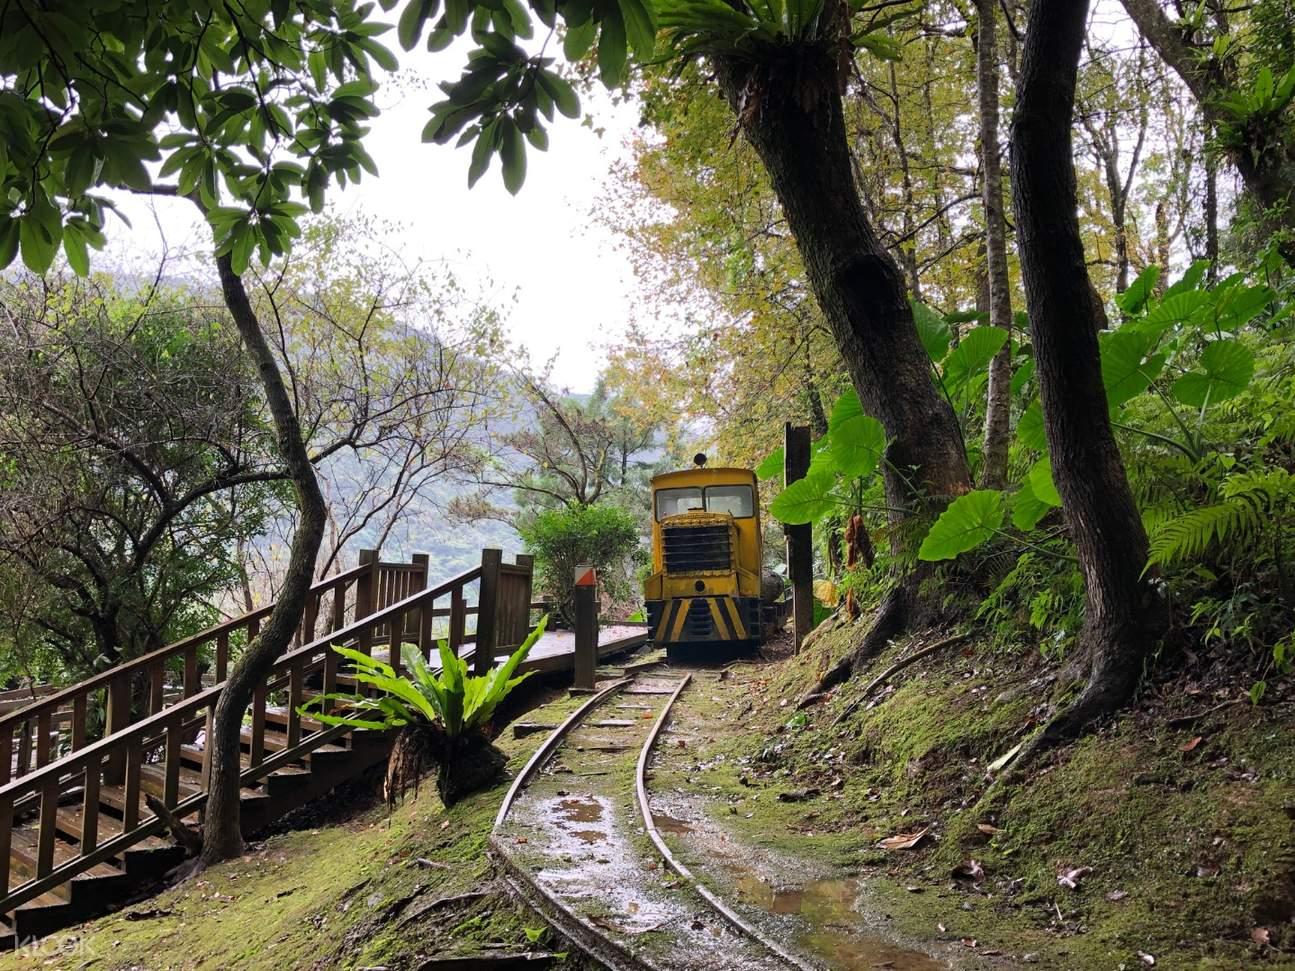 池南國家森林遊樂區